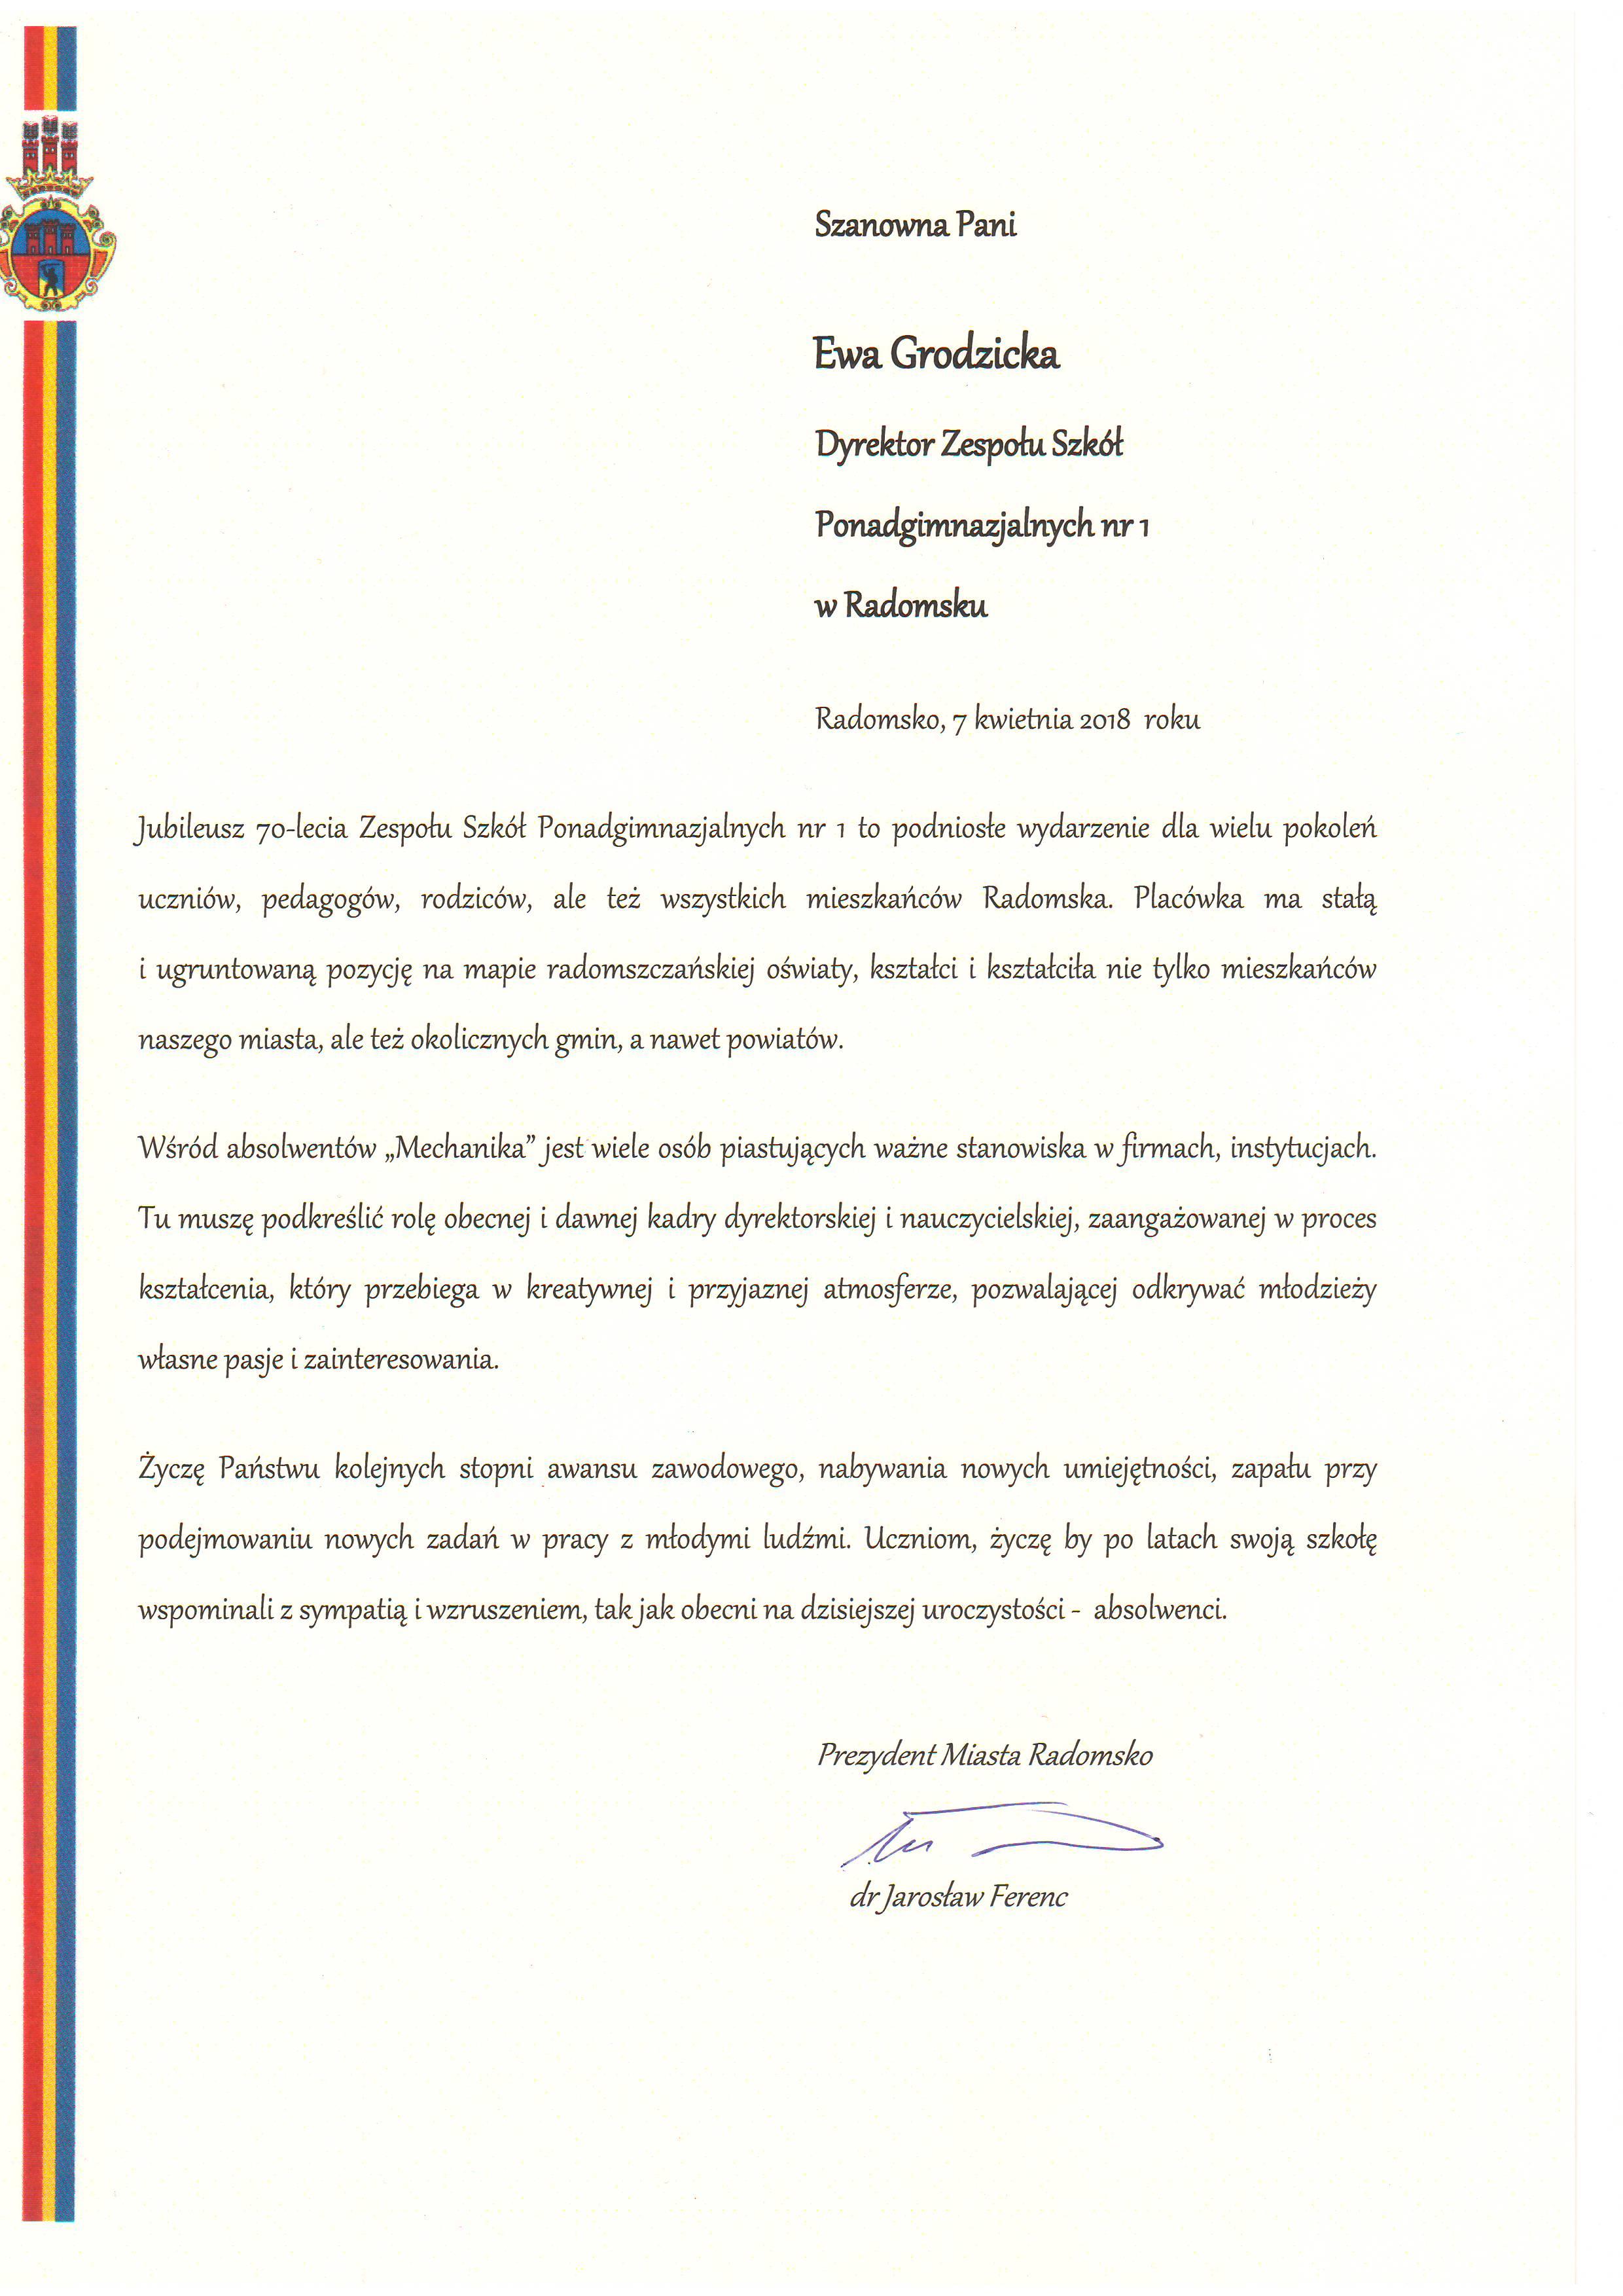 list_gratulacyjny3